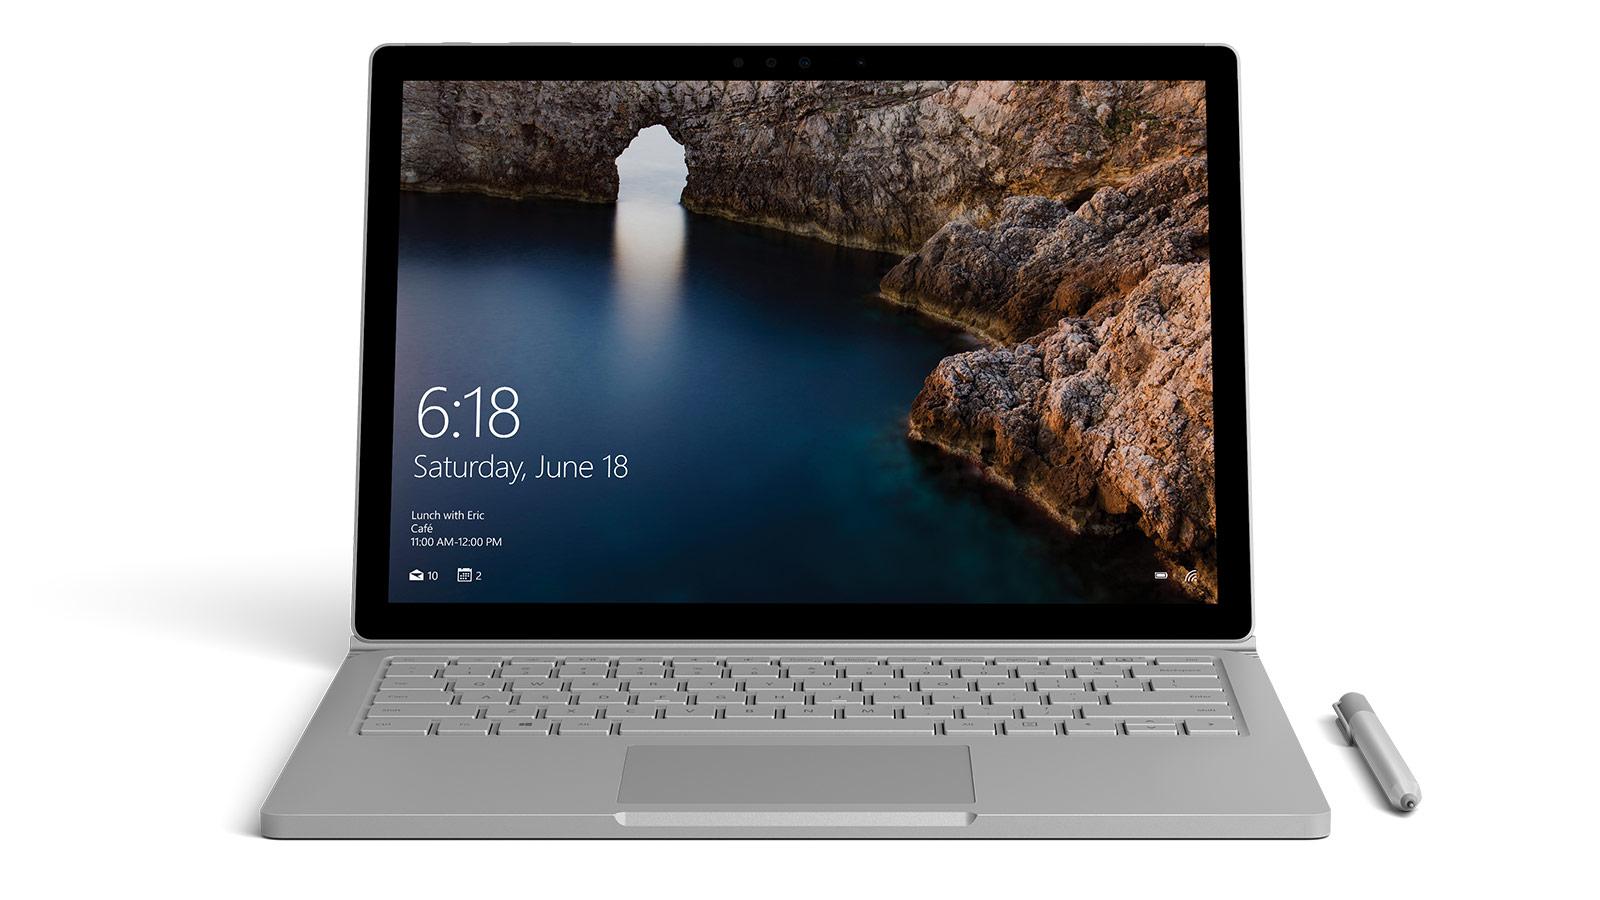 Surface Book van voren gezien met afbeelding van een ijsberg geopend in Photoshop